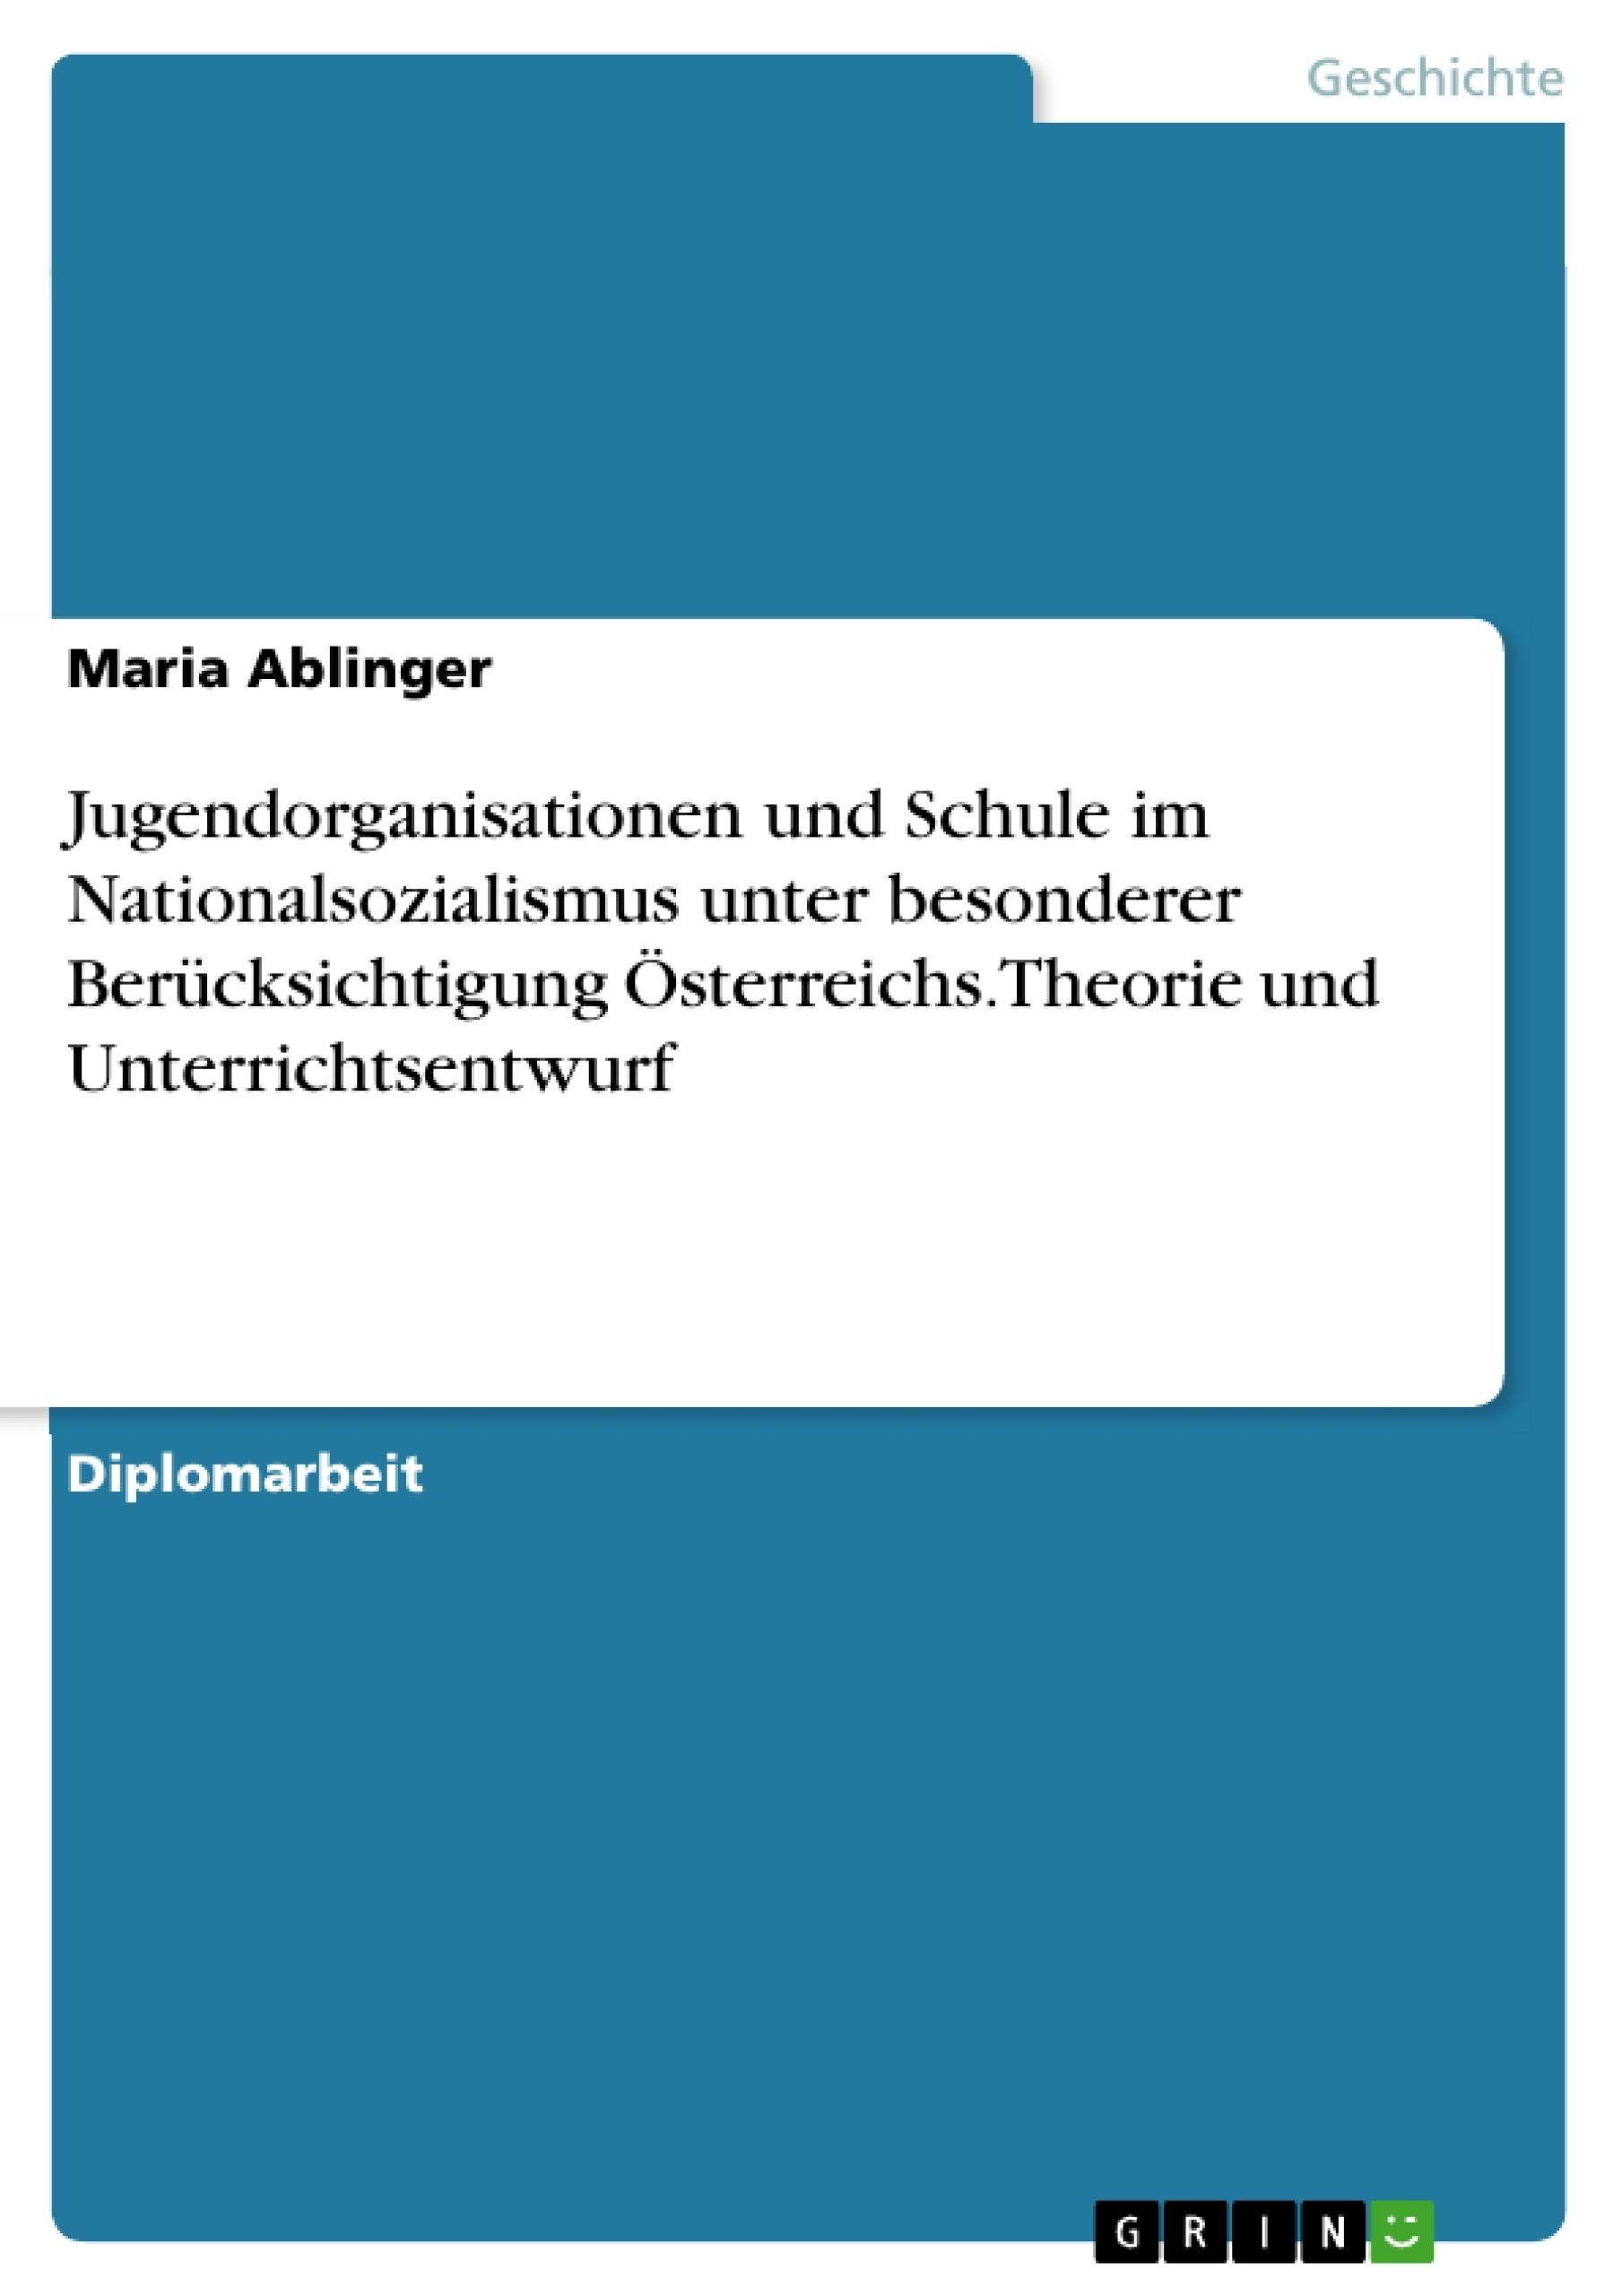 Titel: Jugendorganisationen und Schule im Nationalsozialismus unter besonderer Berücksichtigung Österreichs. Theorie und Unterrichtsentwurf